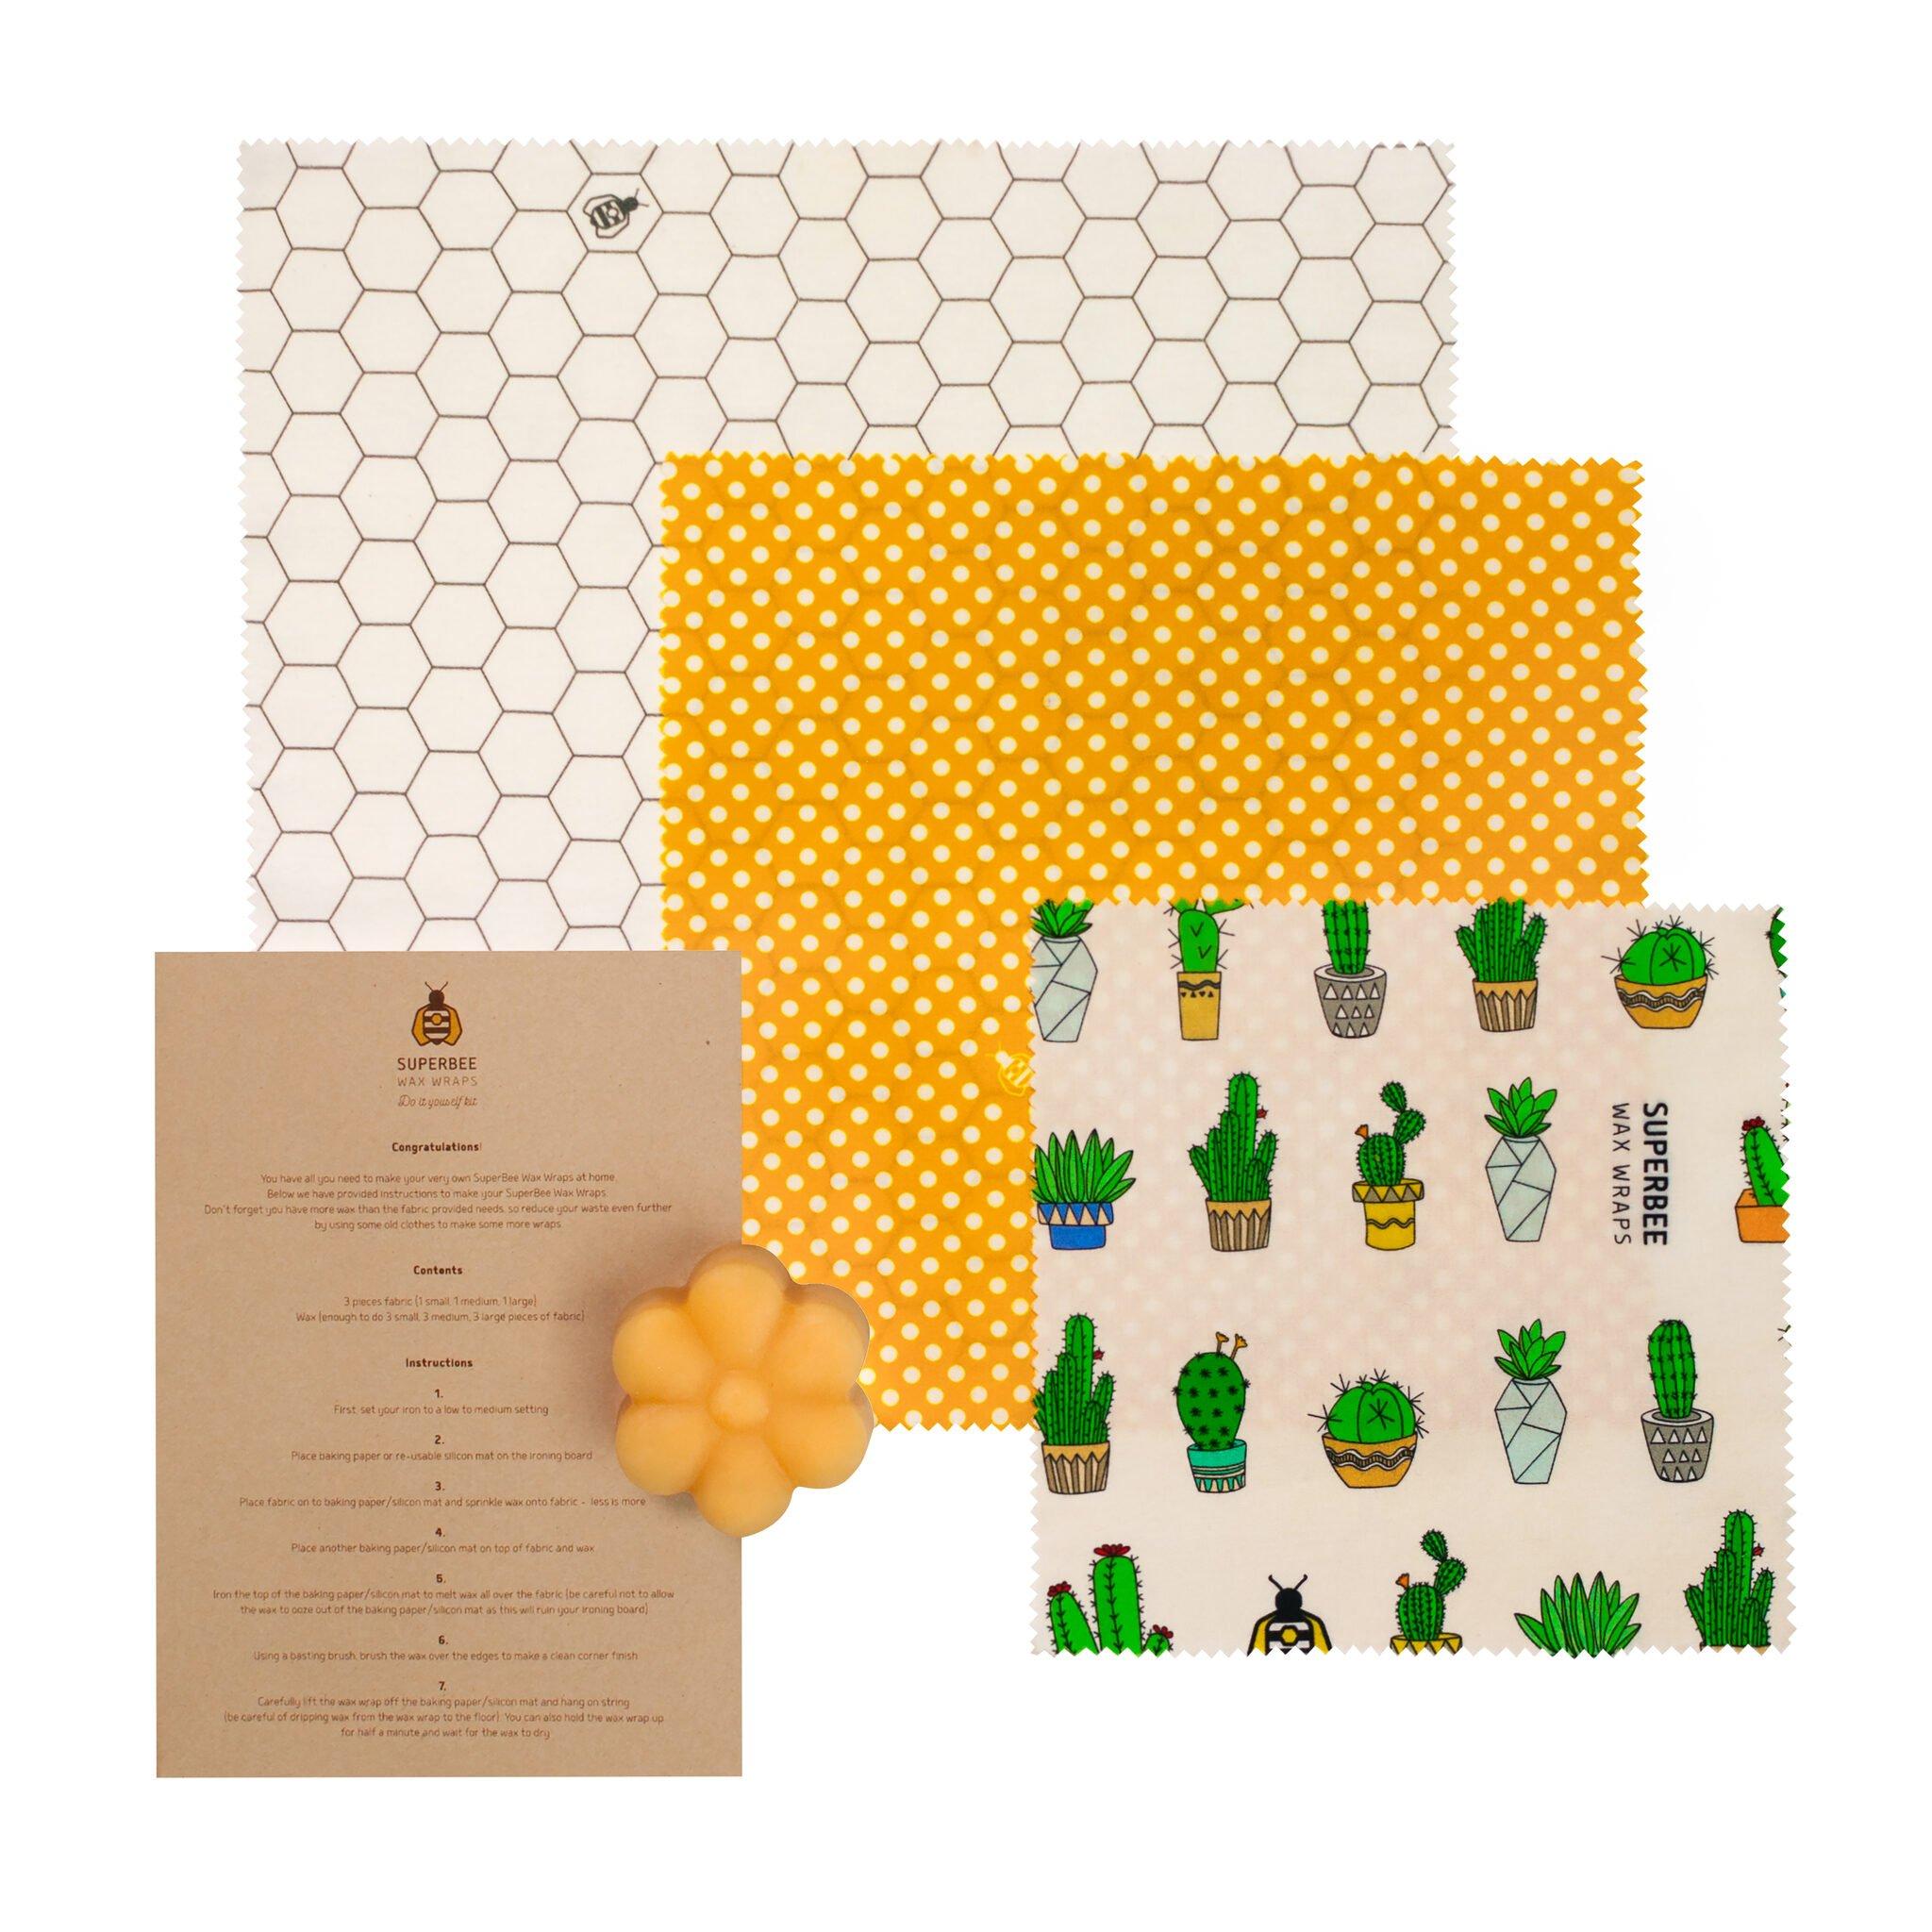 Introducing the DIY Beeswax Wraps Kit